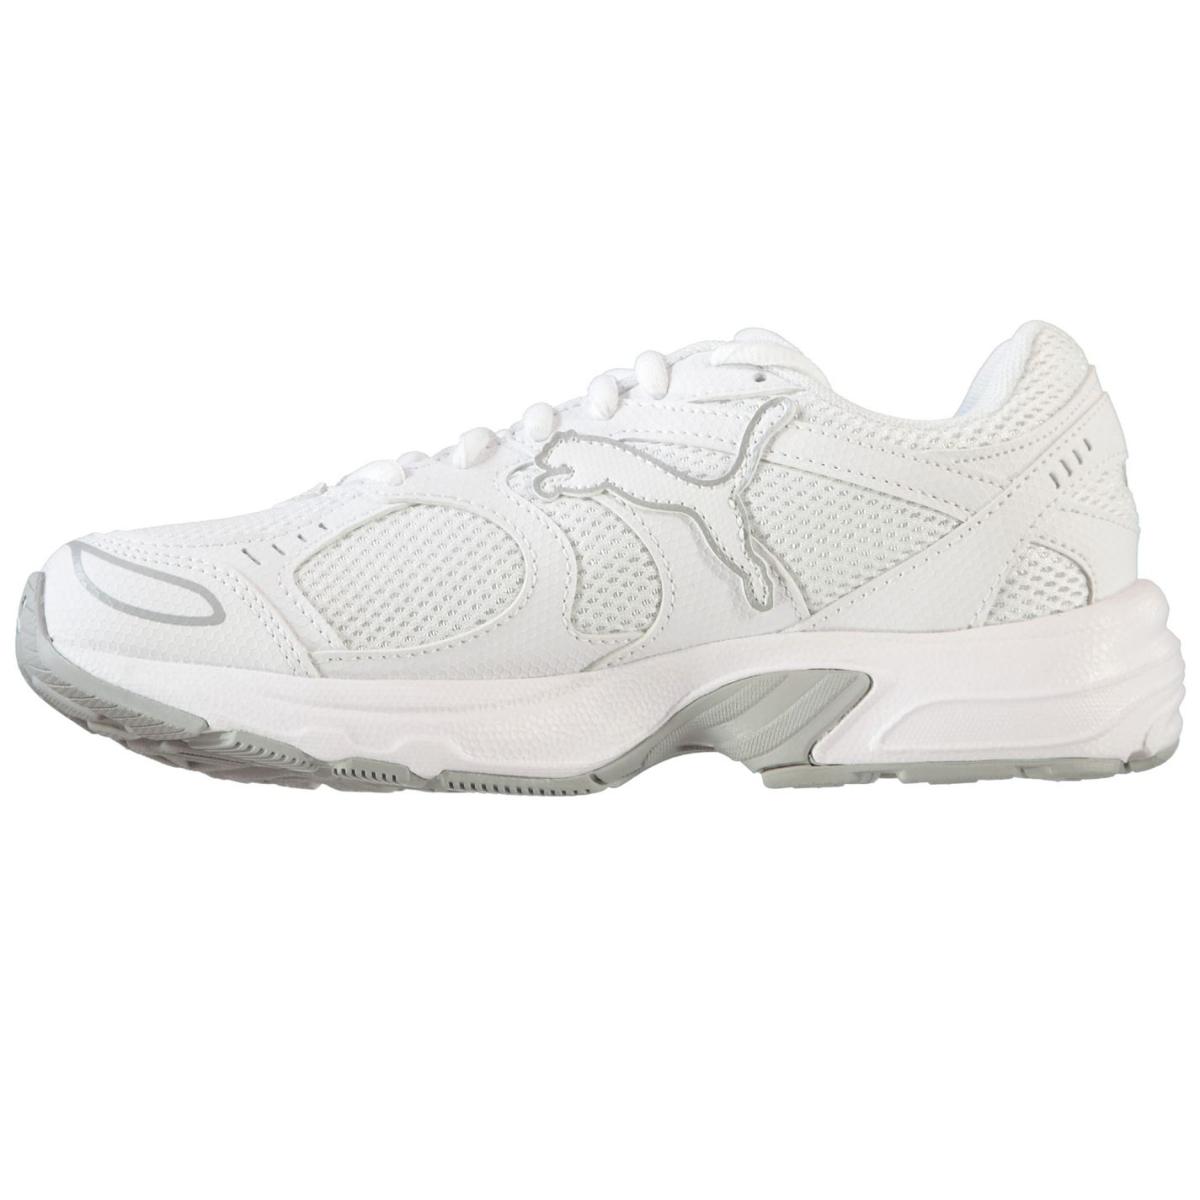 Puma-Axis-Laufschuhe-Turnschuhe-Damen-Sportschuhe-Sneaker-1506 Indexbild 9